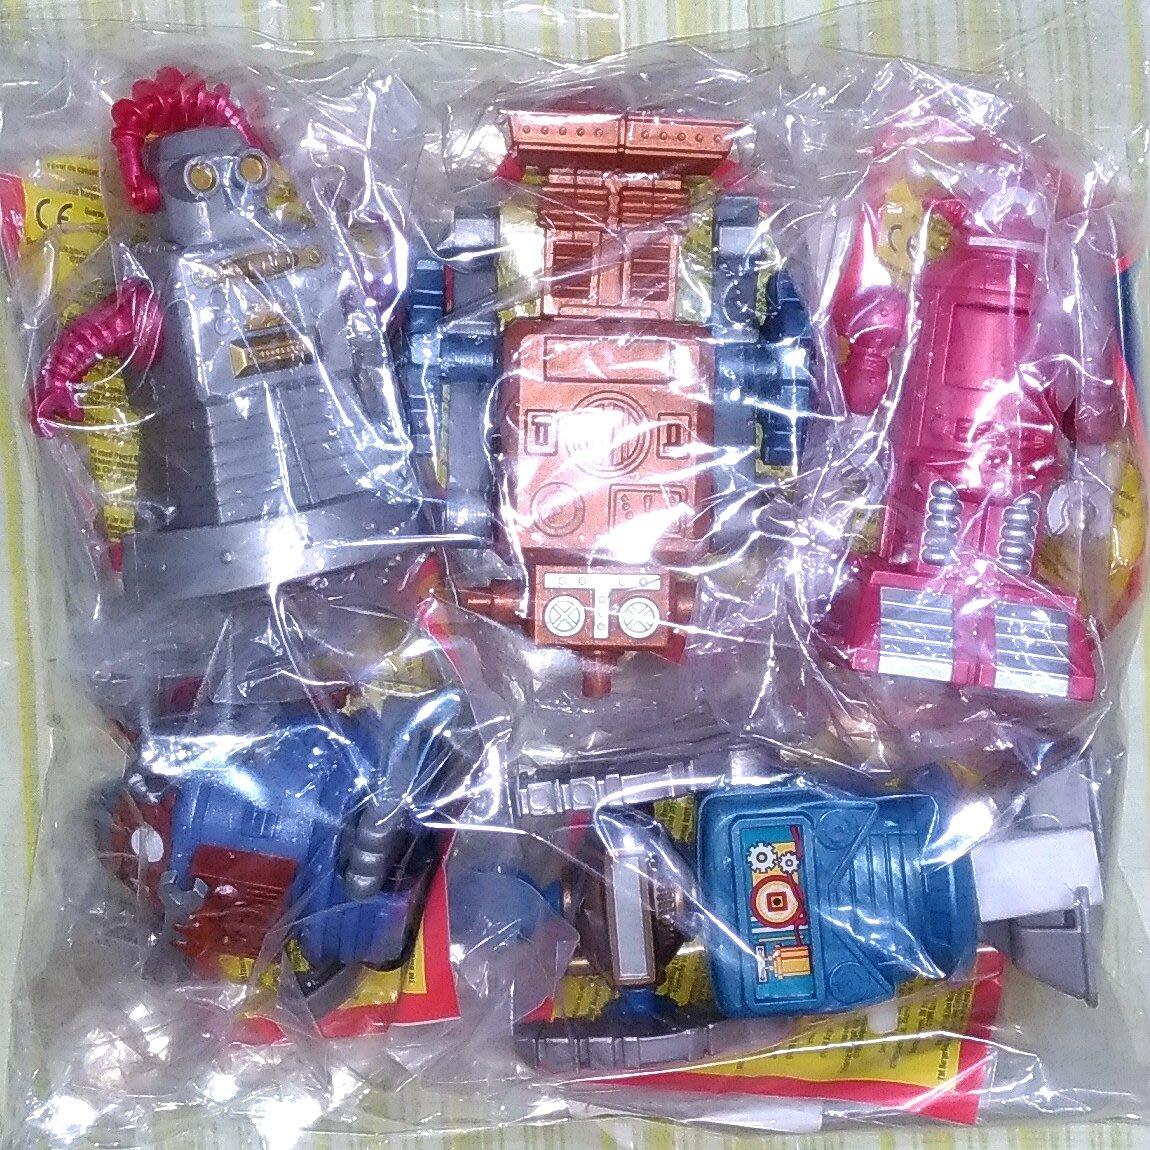 《NATE》收藏早期BURGER KING漢堡王玩具【1998-發條行走機器人】5款一組